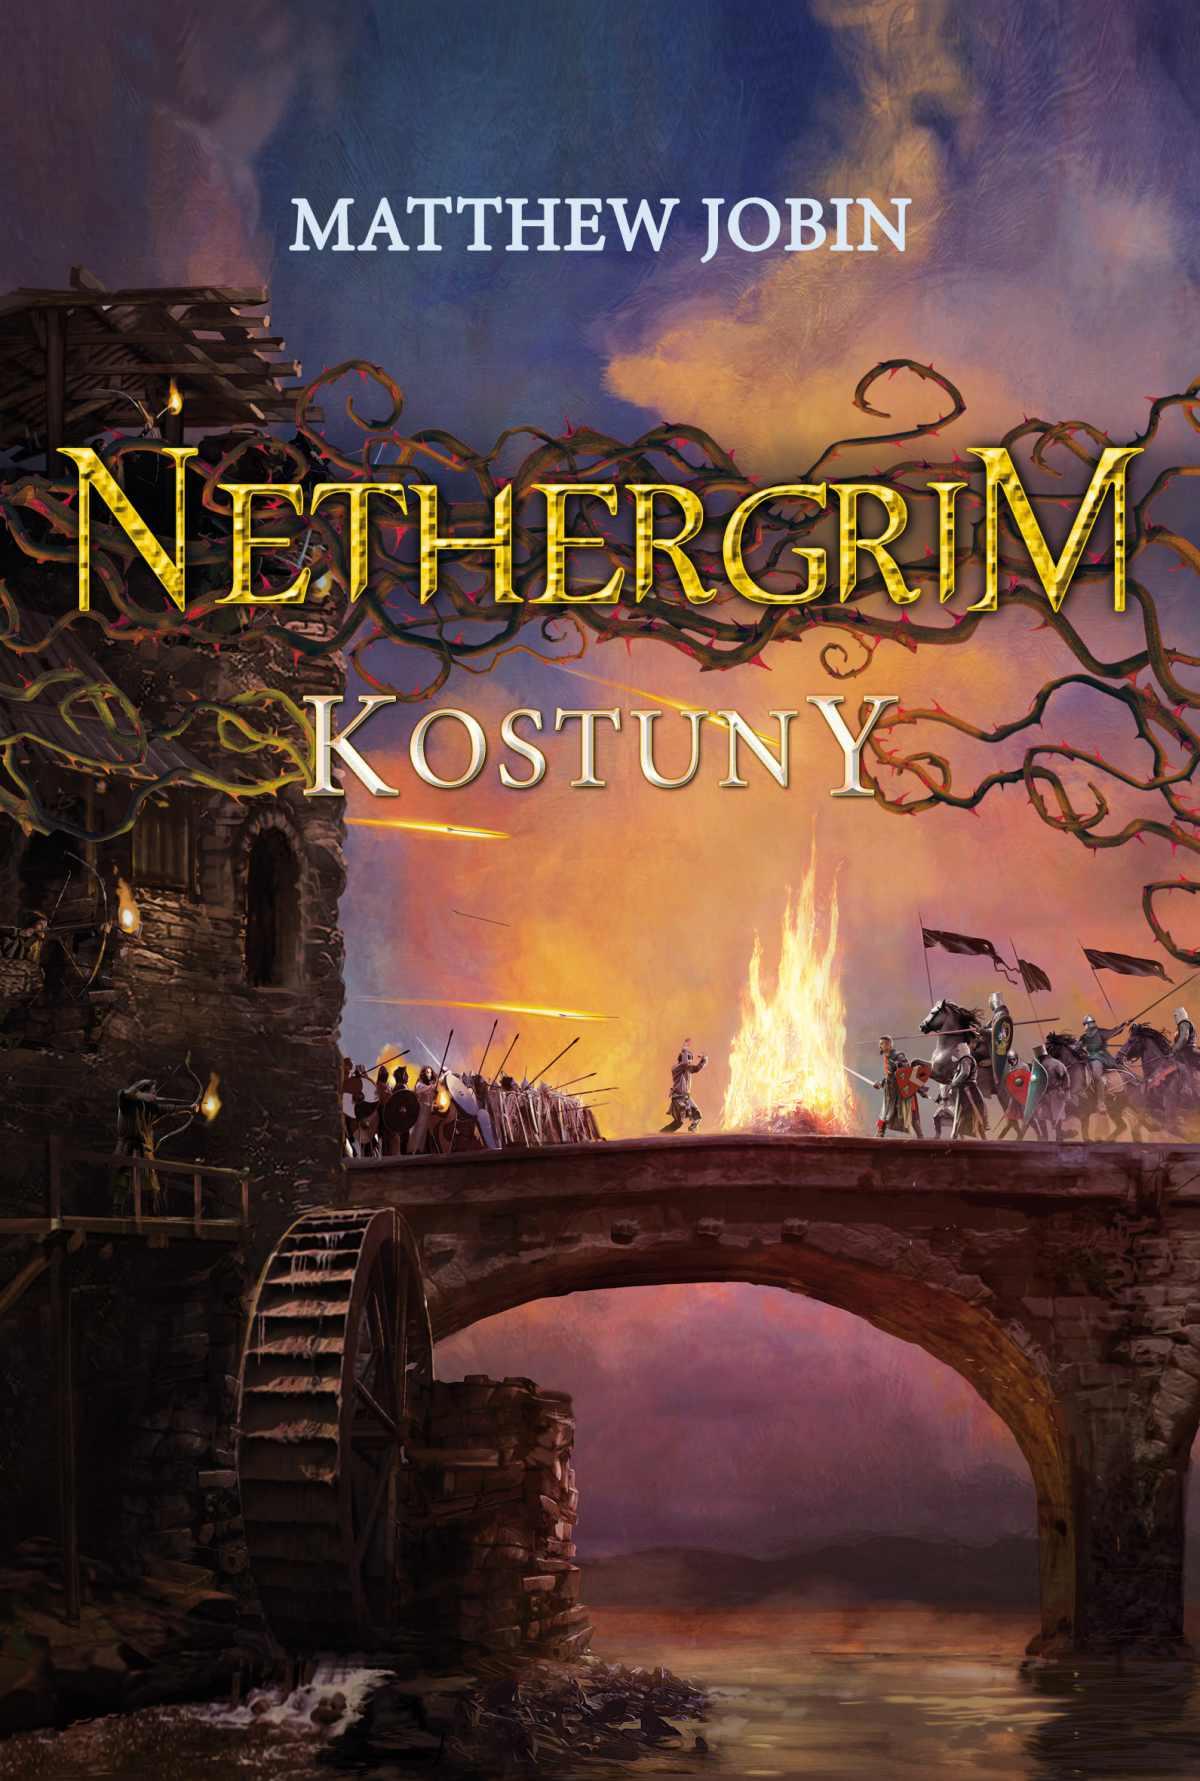 Nethergrim 2. Kostuny - Ebook (Książka EPUB) do pobrania w formacie EPUB